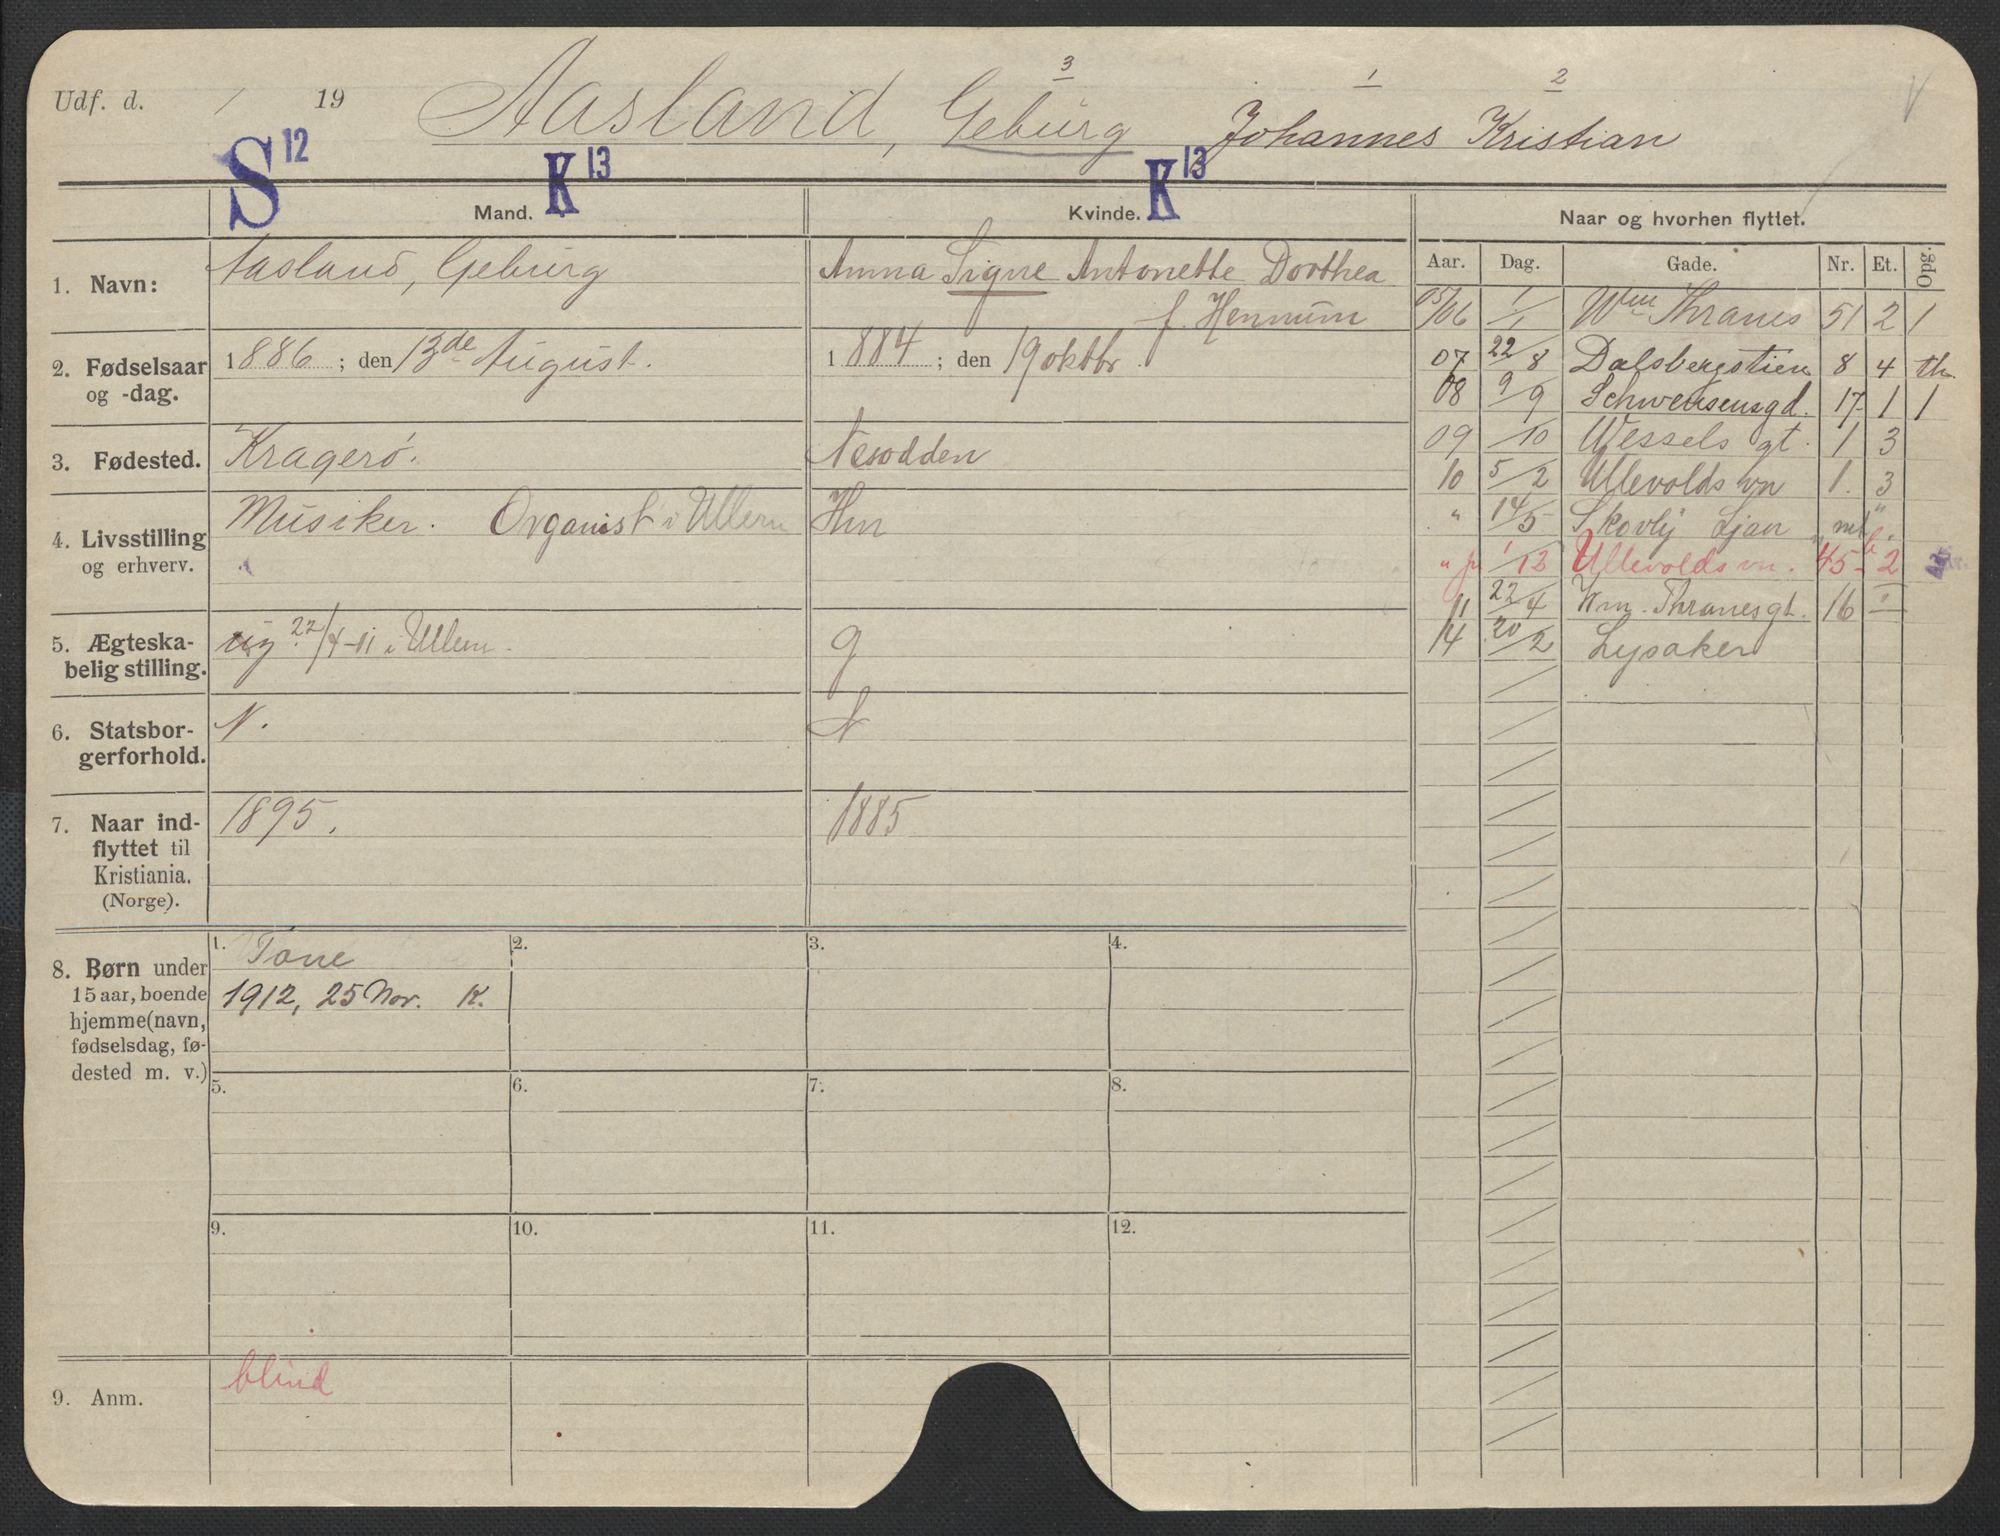 SAO, Oslo folkeregister, Registerkort, F/Fa/Fac/L0011: Menn, 1906-1914, s. 1251a